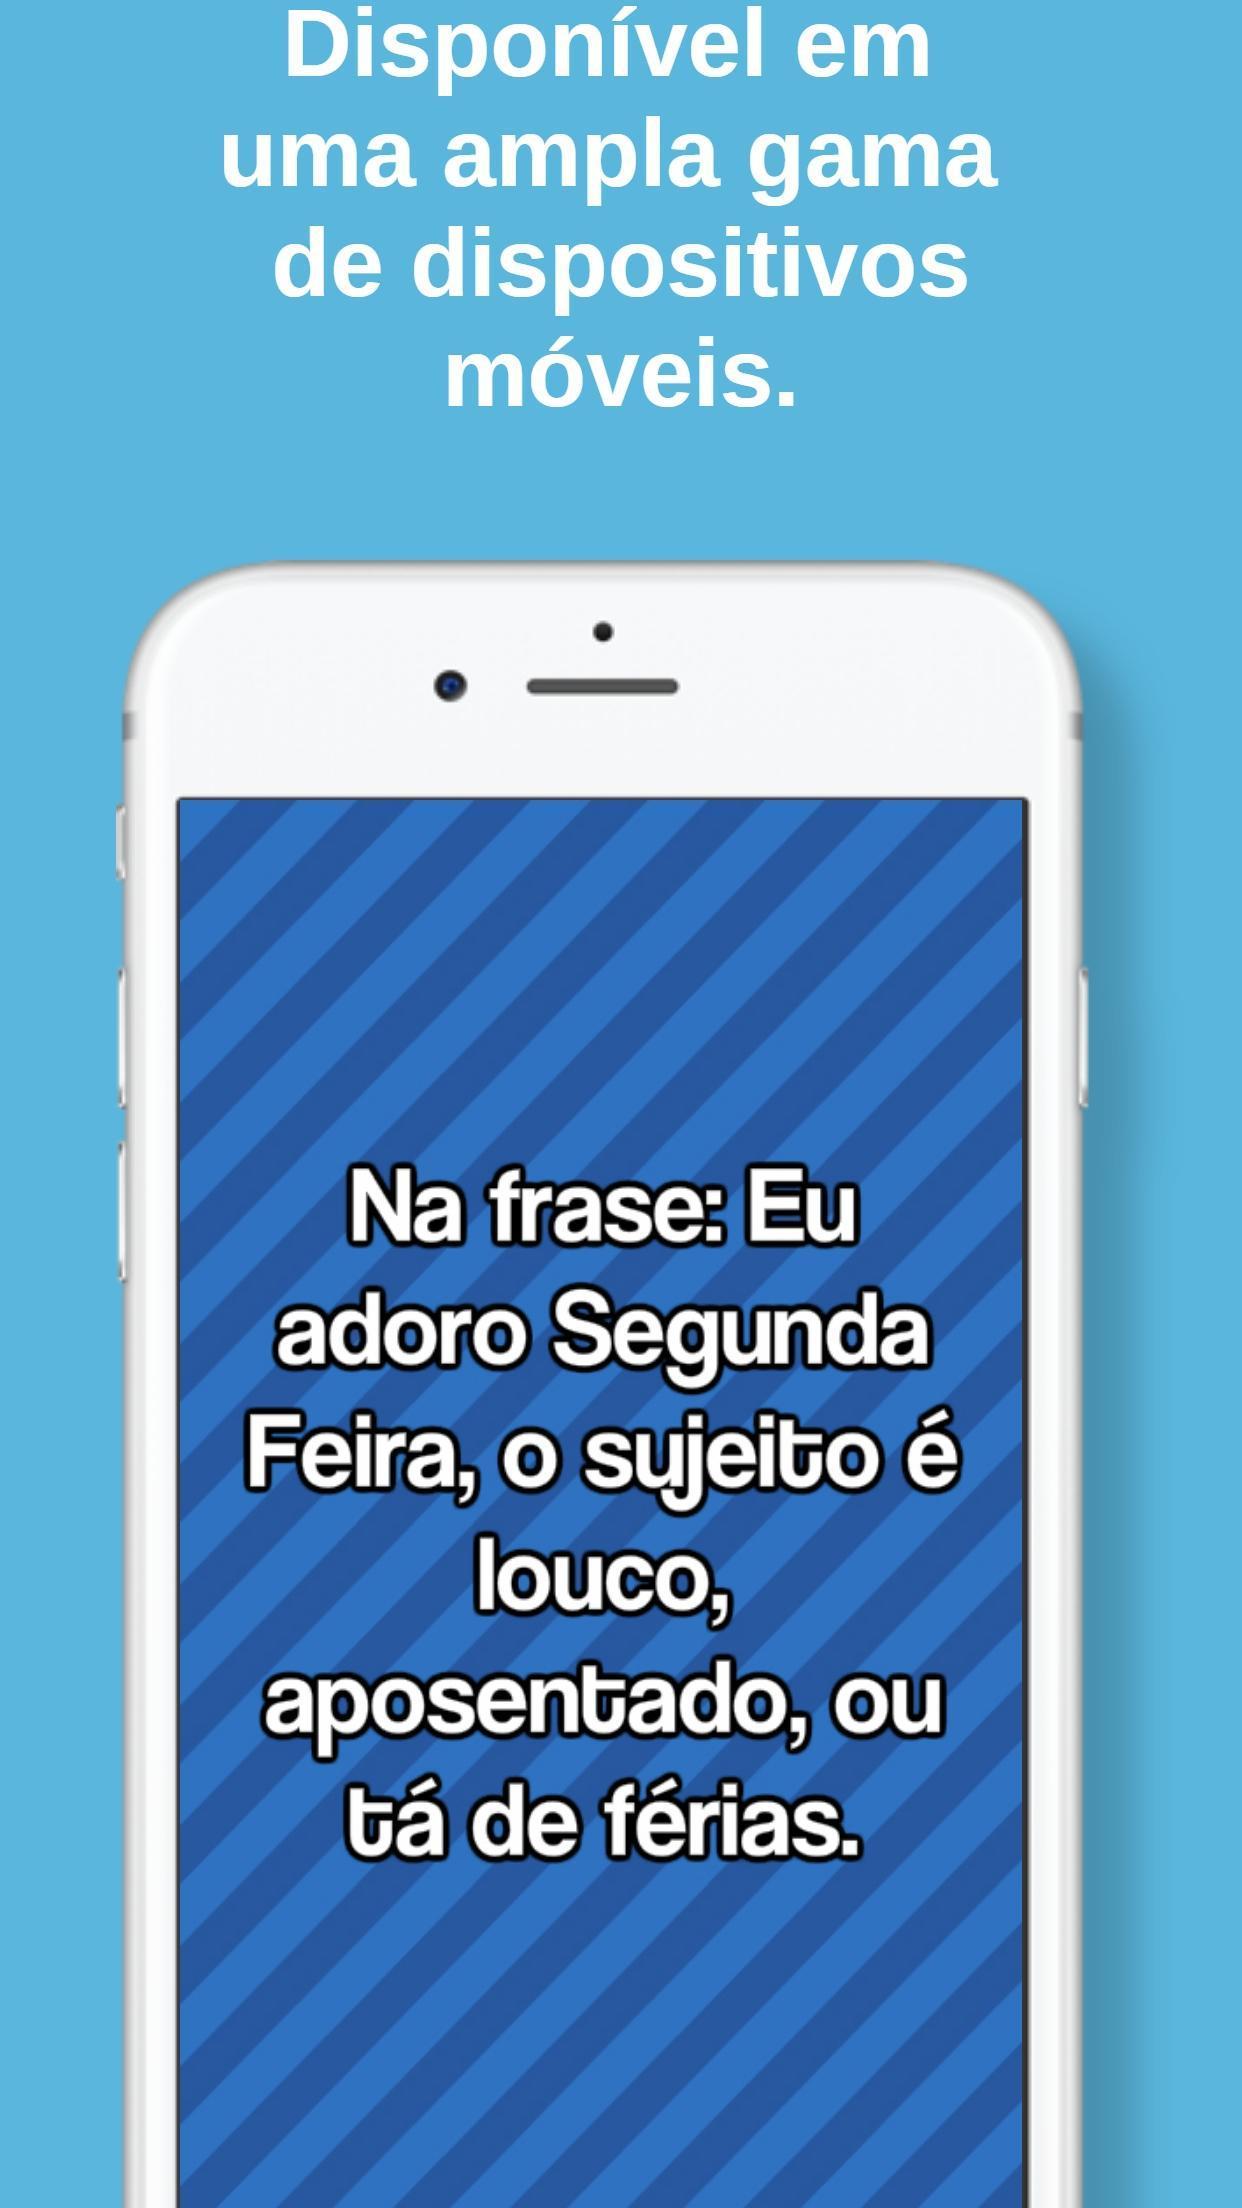 Frases De Férias For Android Apk Download